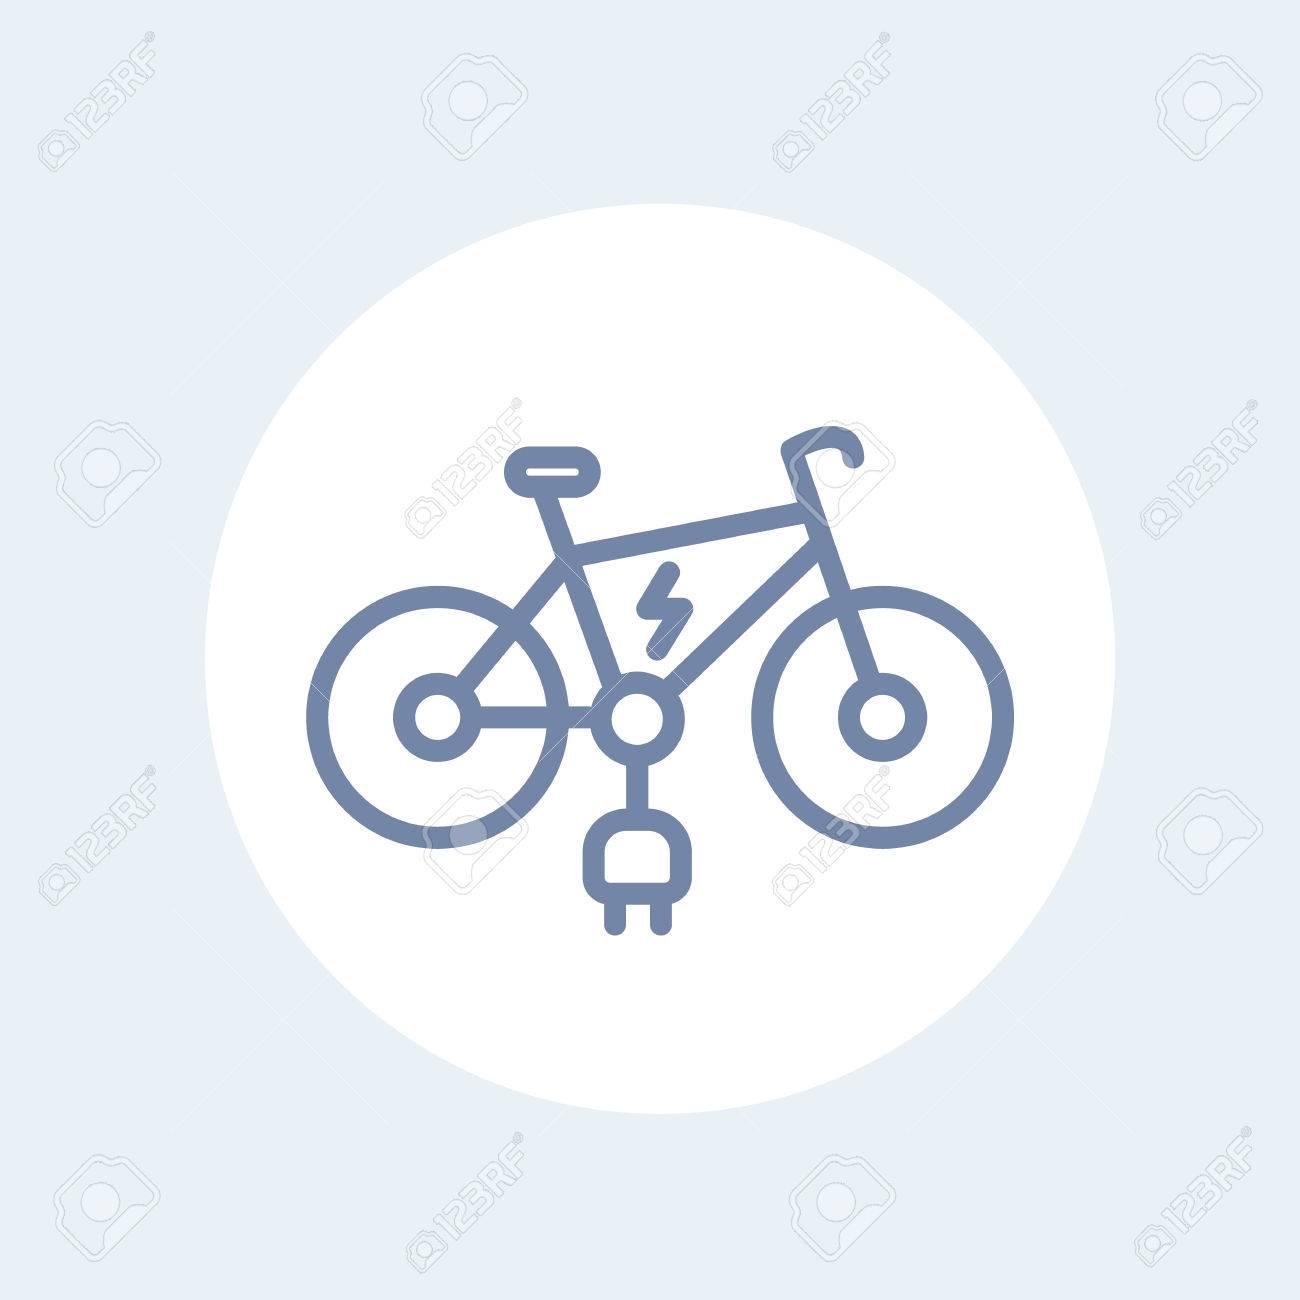 Elektrische Symbol Fahrrad Linie Isoliert Auf Weiß, Illustration ...